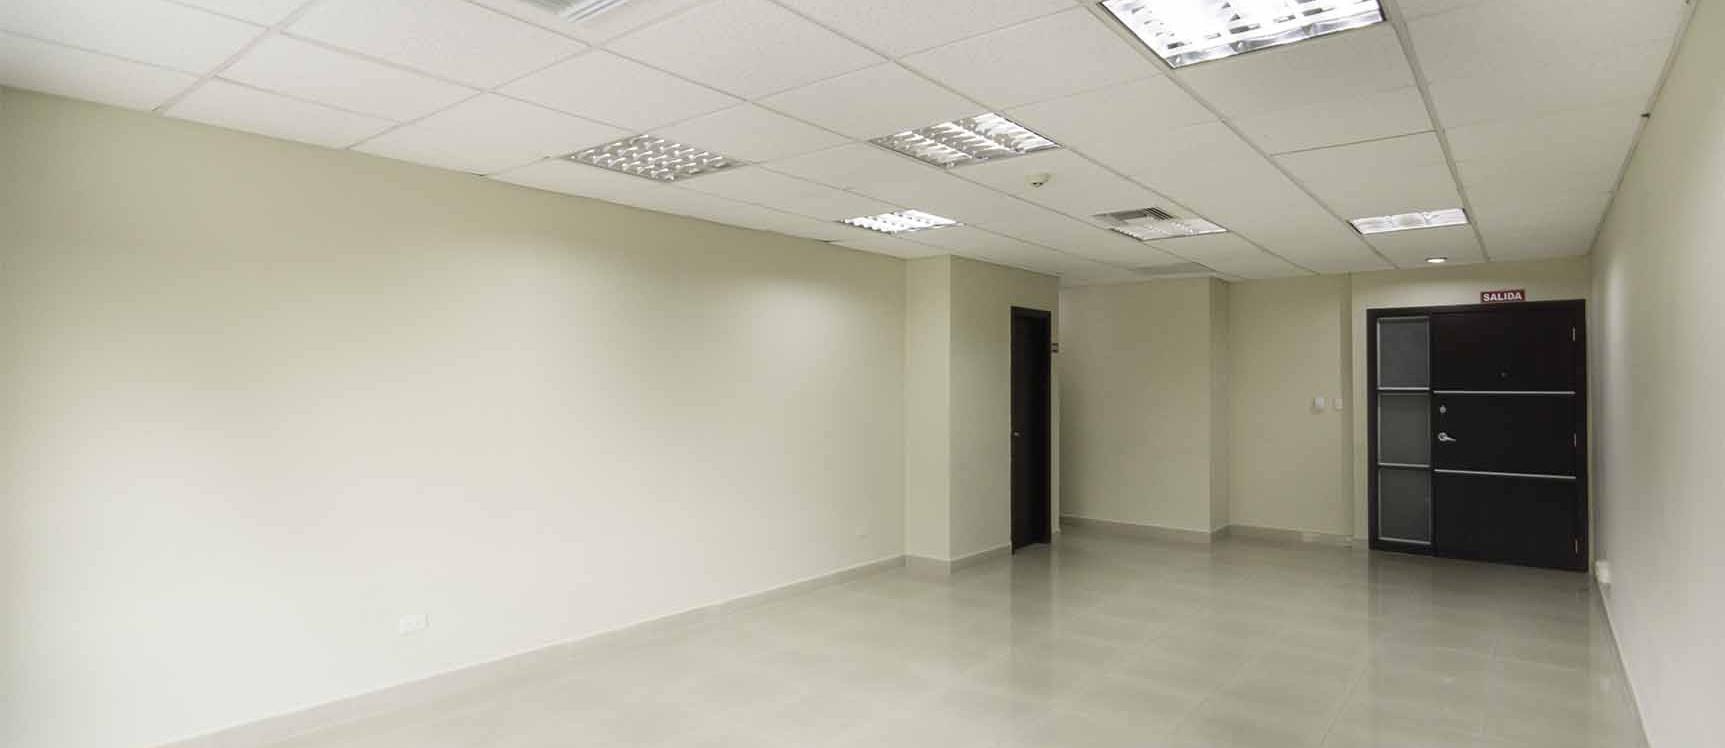 GeoBienes - Oficina en Alquiler Parque Empresarial Colon, Norte de Guayaquil - Plusvalia Guayaquil Casas de venta y alquiler Inmobiliaria Ecuador